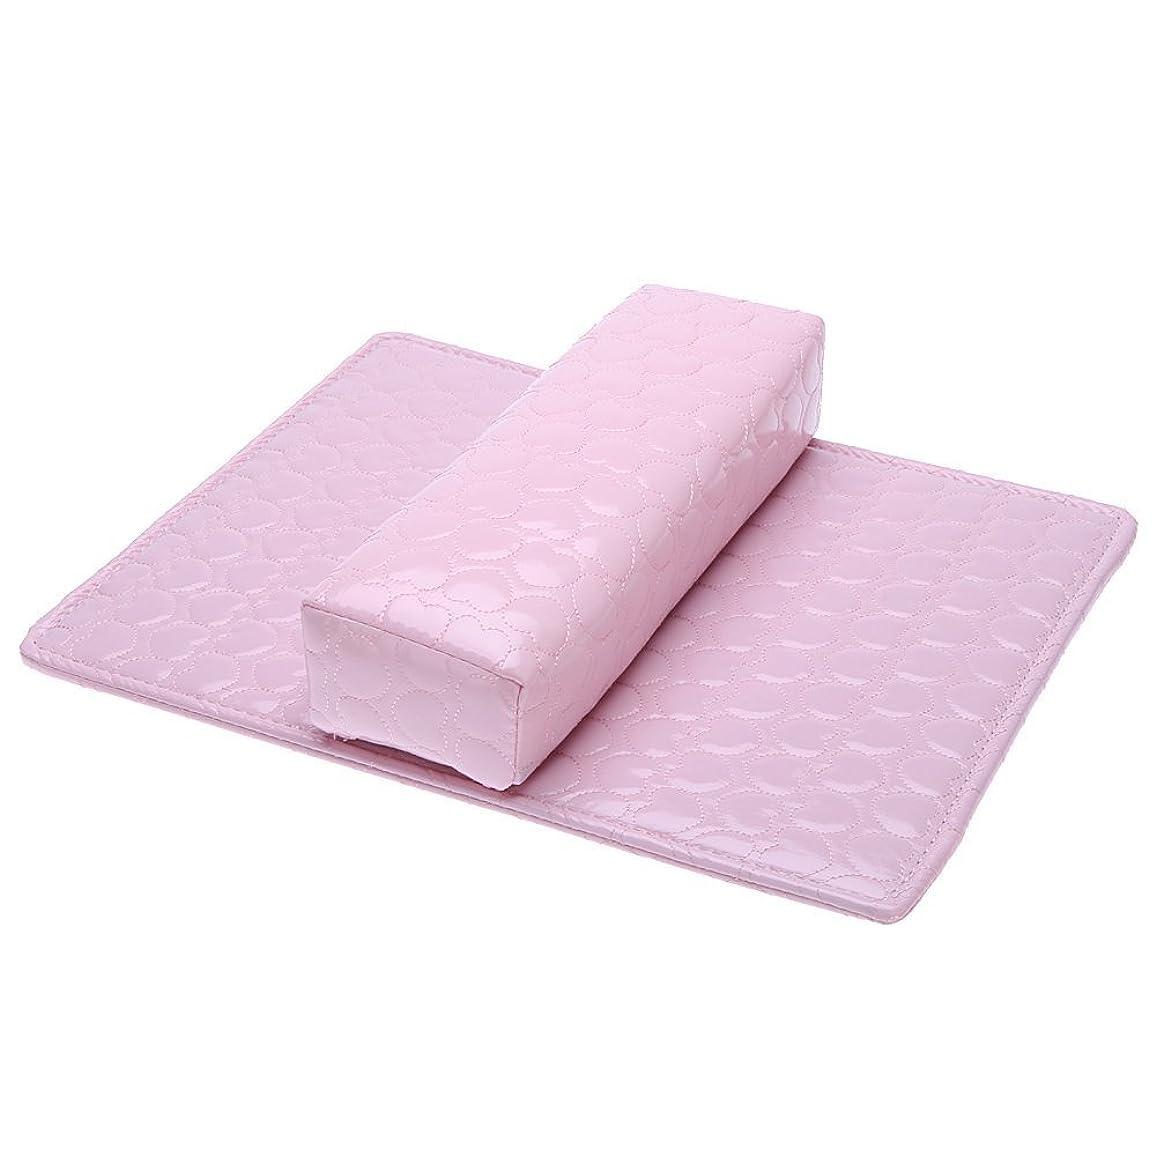 ACAMPTAR ソフトハンドクッション枕とパッドレストネイルアートアームレストホルダー マニキュアネイルアートアクセサリー PUレザー ピンク